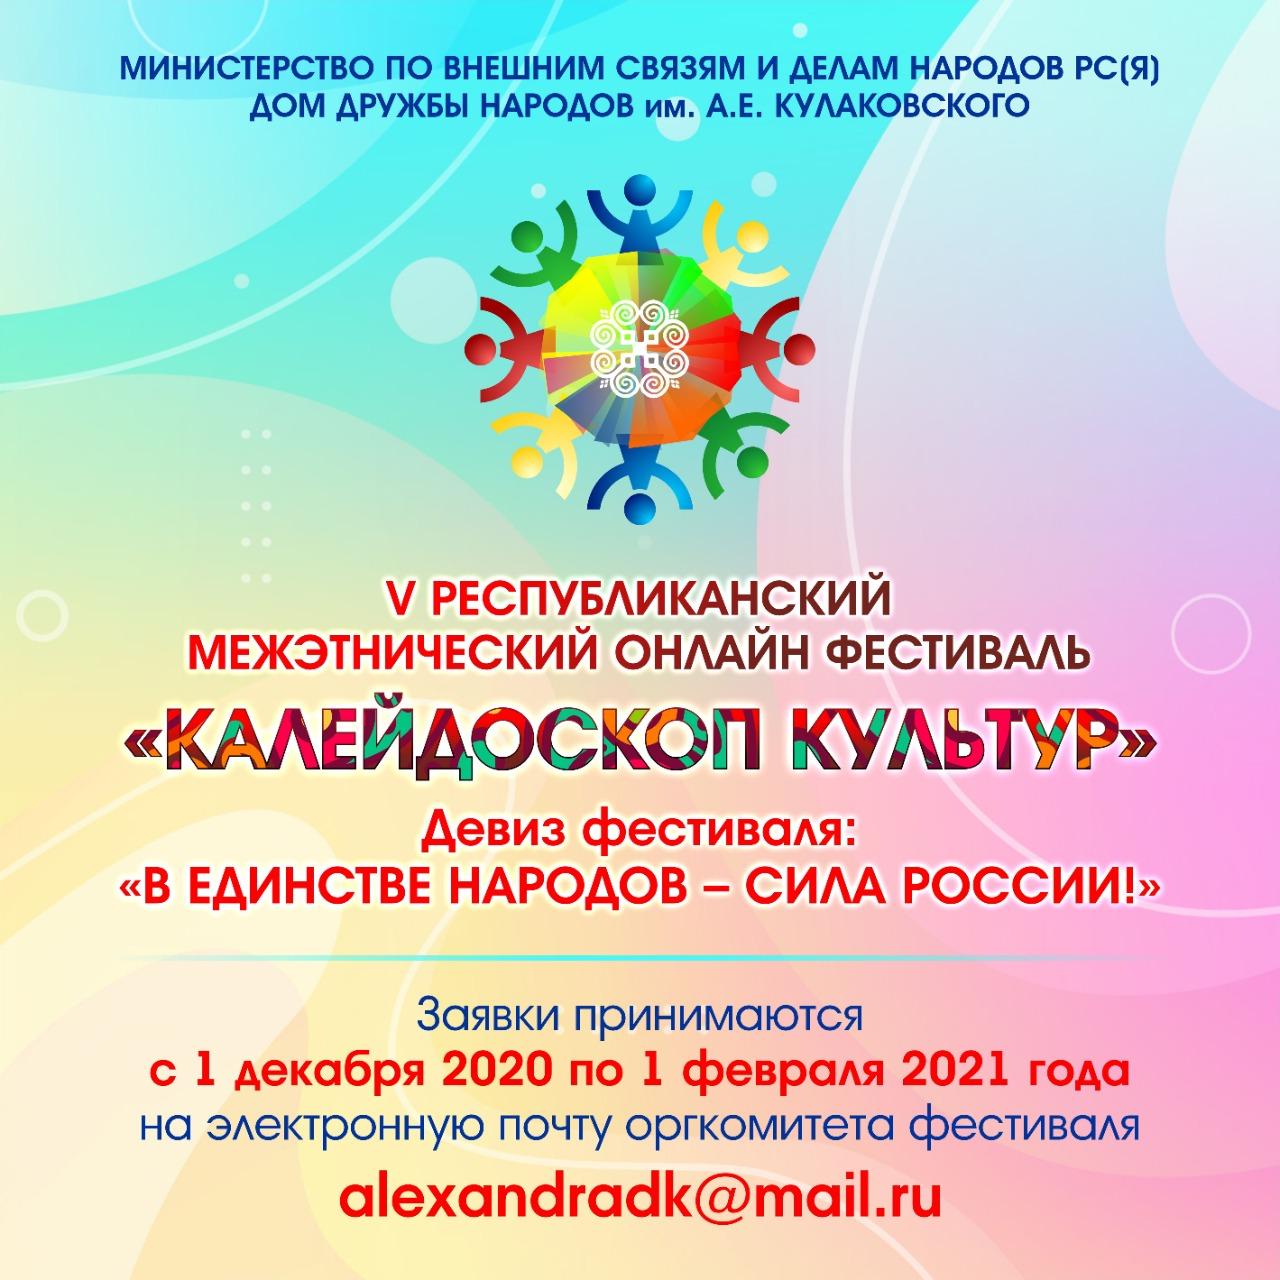 Положение V республиканский межэтнического фестиваля «Калейдоскоп культур»